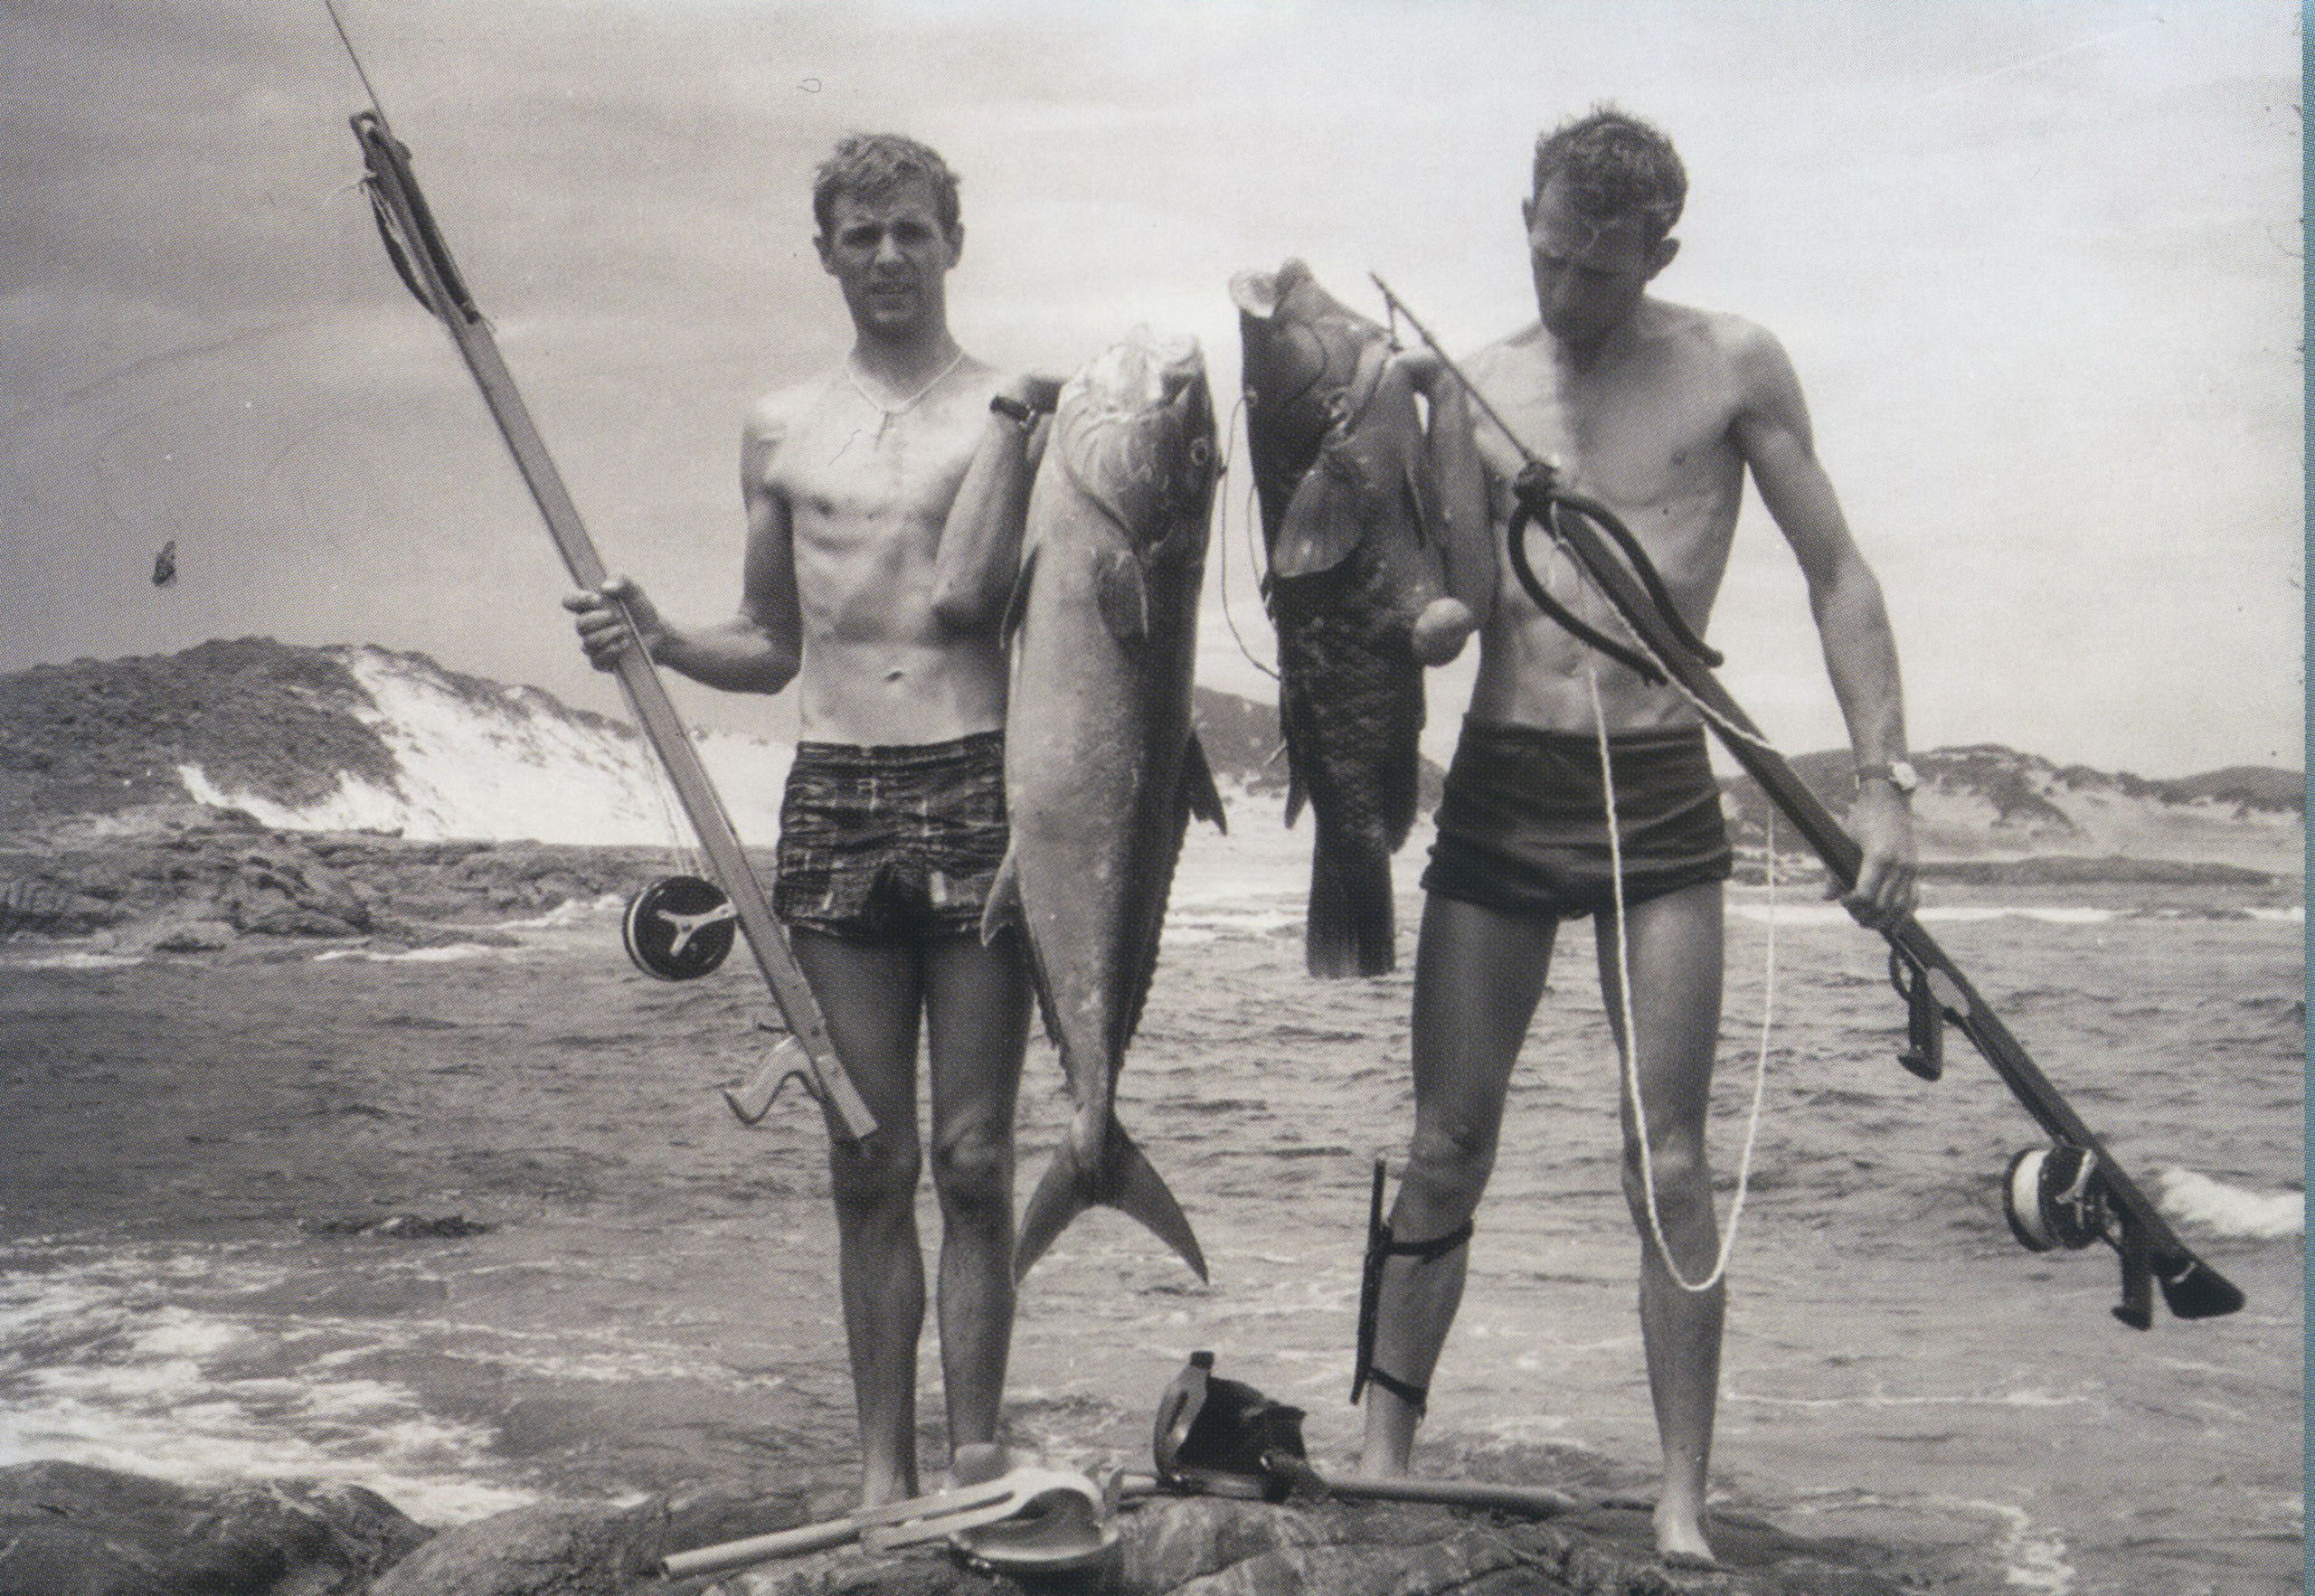 Rodney Fox (Left) Spearfishing in 1961